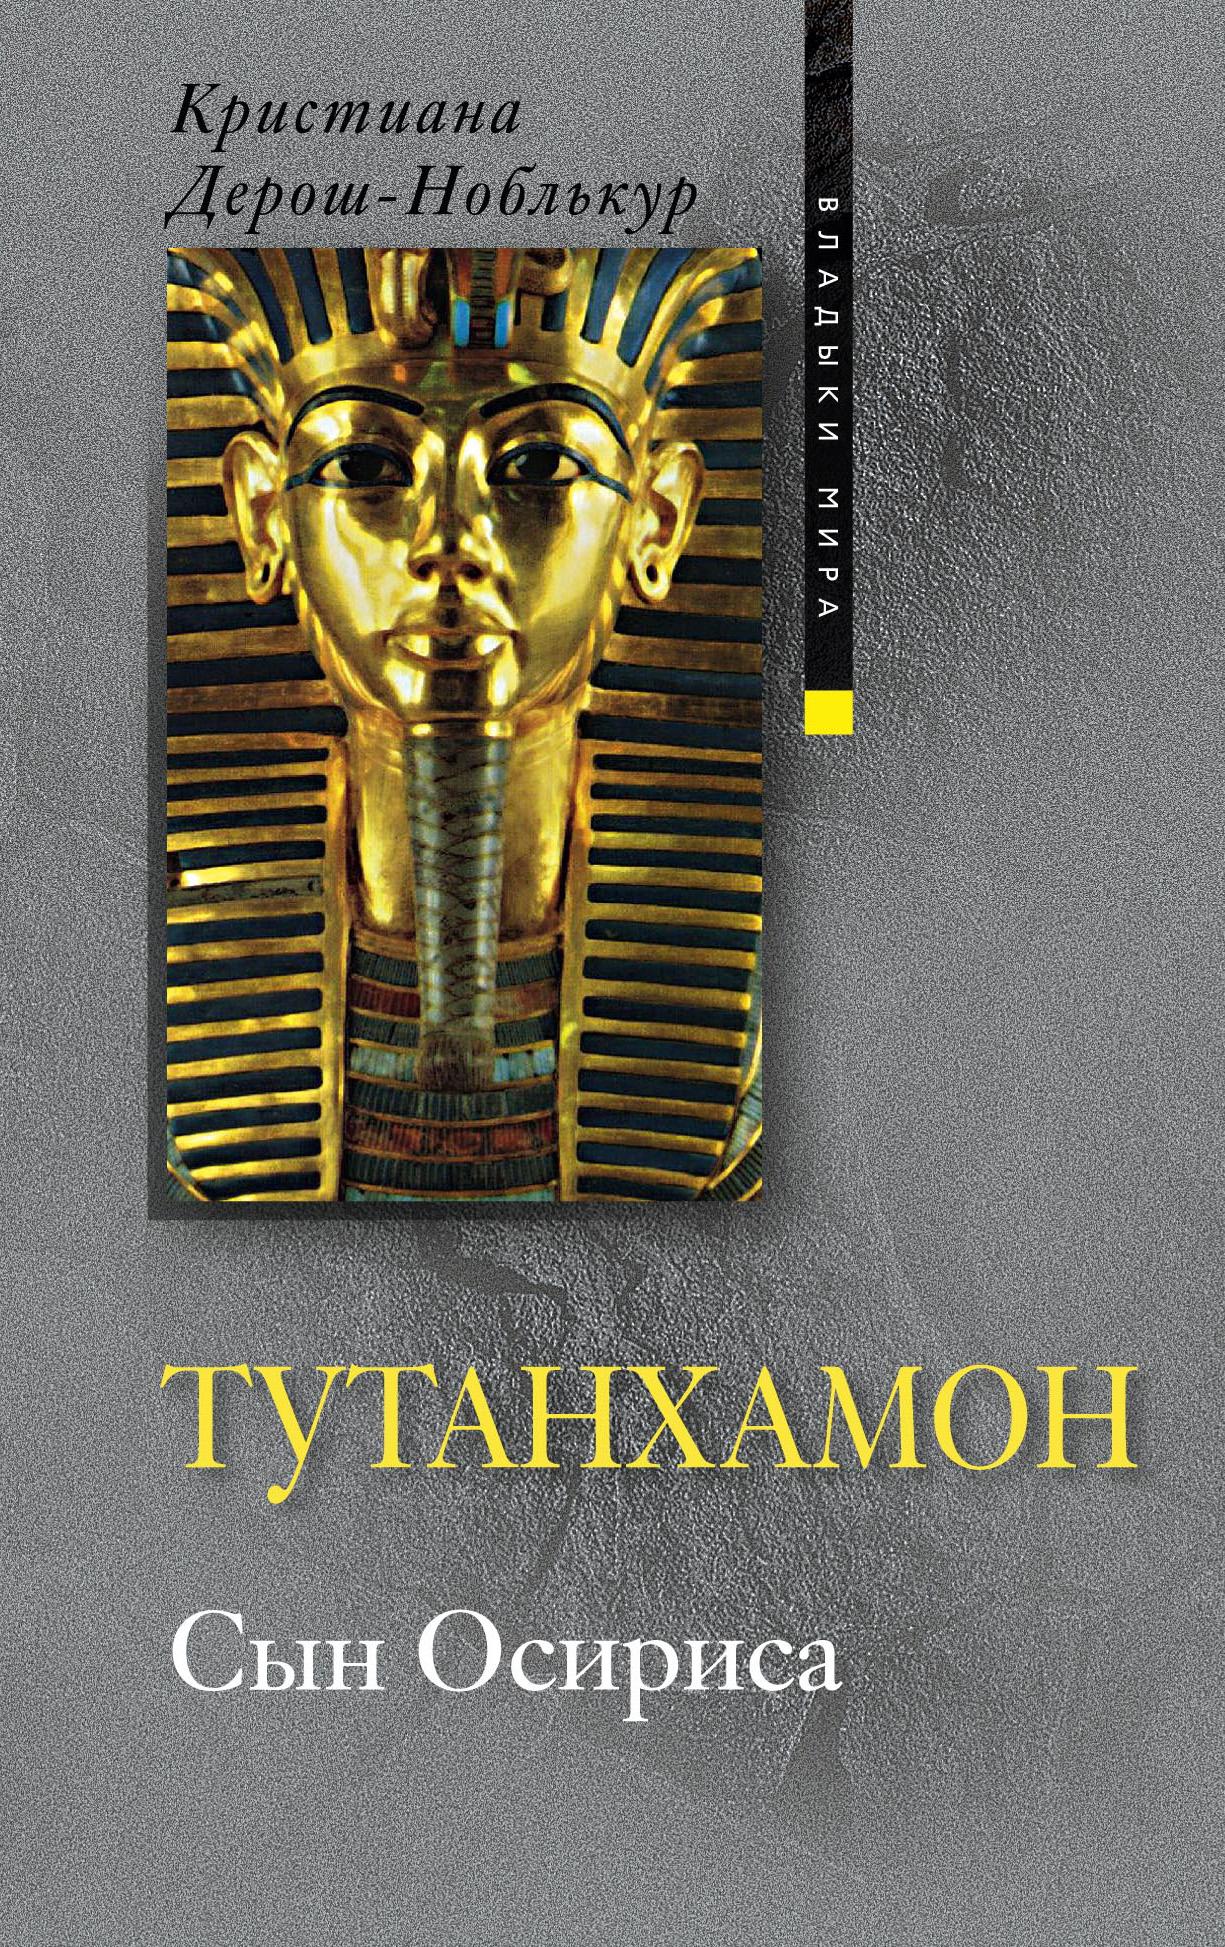 купить Кристиана Дерош-Ноблькур Тутанхамон. Сын Осириса по цене 99.9 рублей